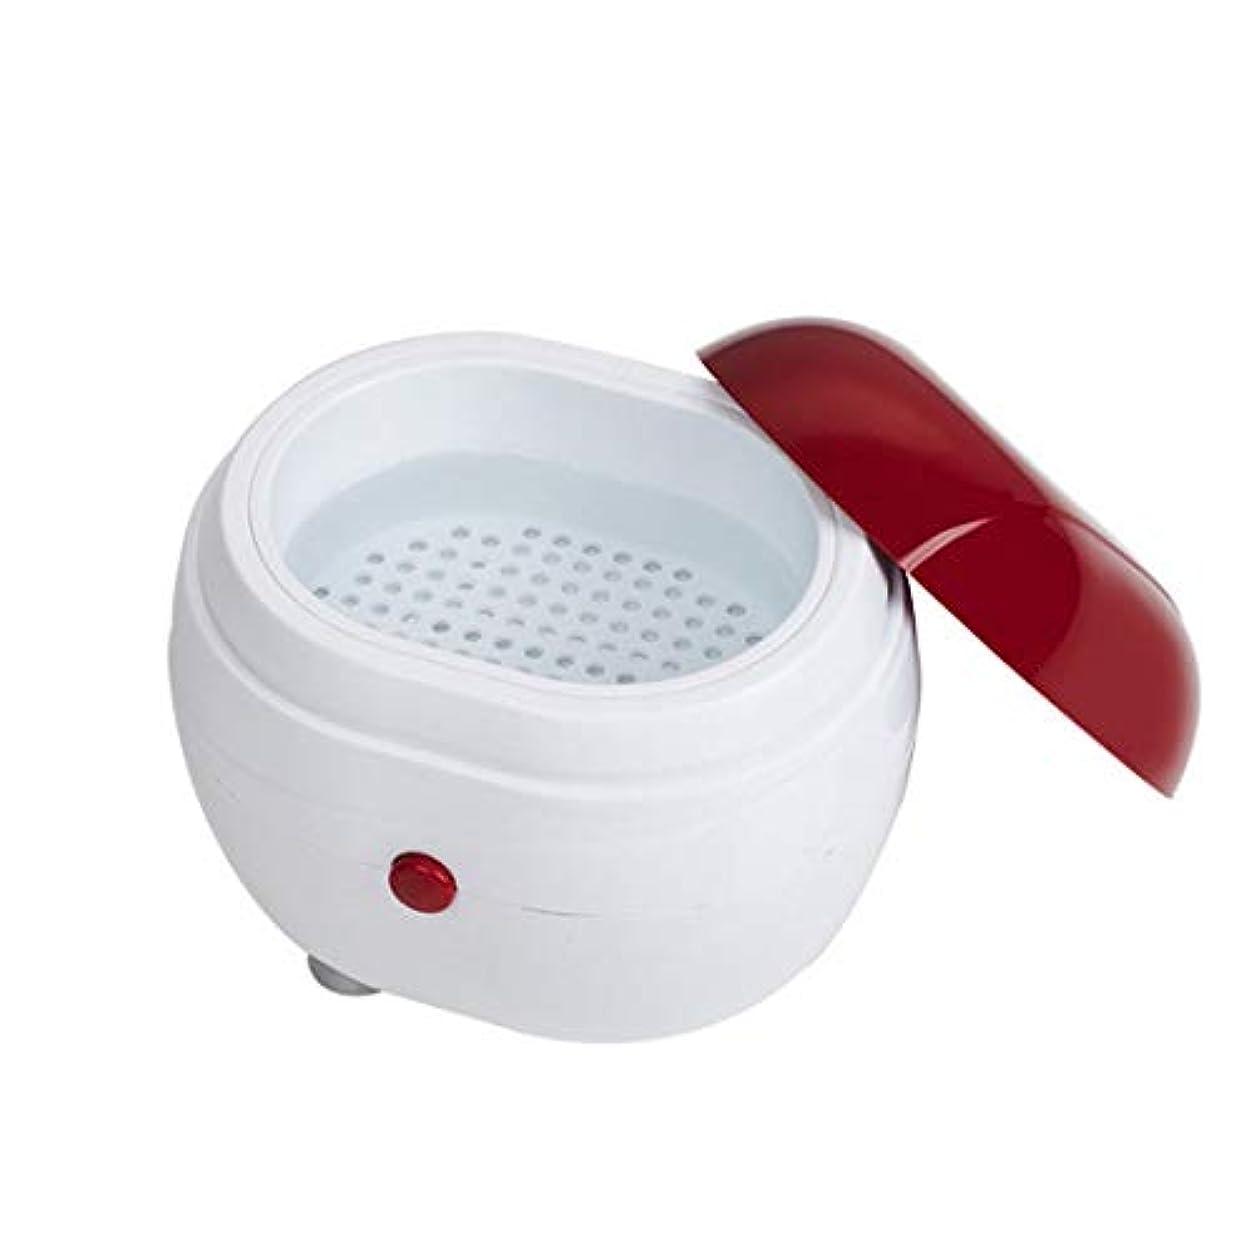 胃なぜメーターポータブル超音波洗浄機家庭用ジュエリーレンズ時計義歯洗浄機洗浄機洗浄機洗浄ボックス (Panda) (色:シルバー)